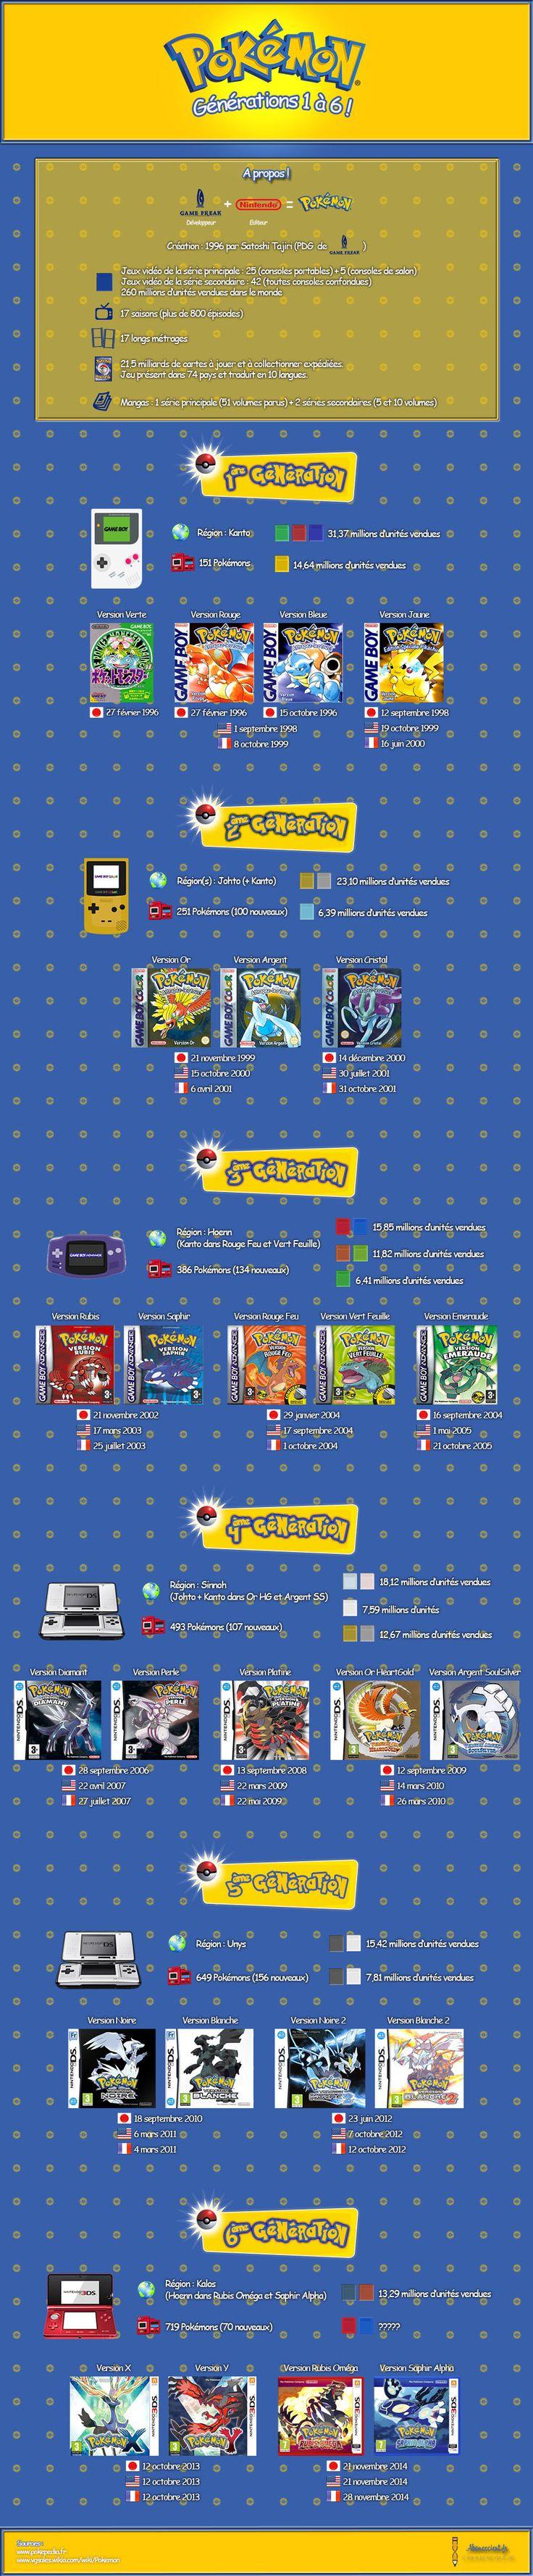 Pokémon, jeux vidéo des générations 1 à 6 en #infographie. #Pokemon #attrapezlestous !